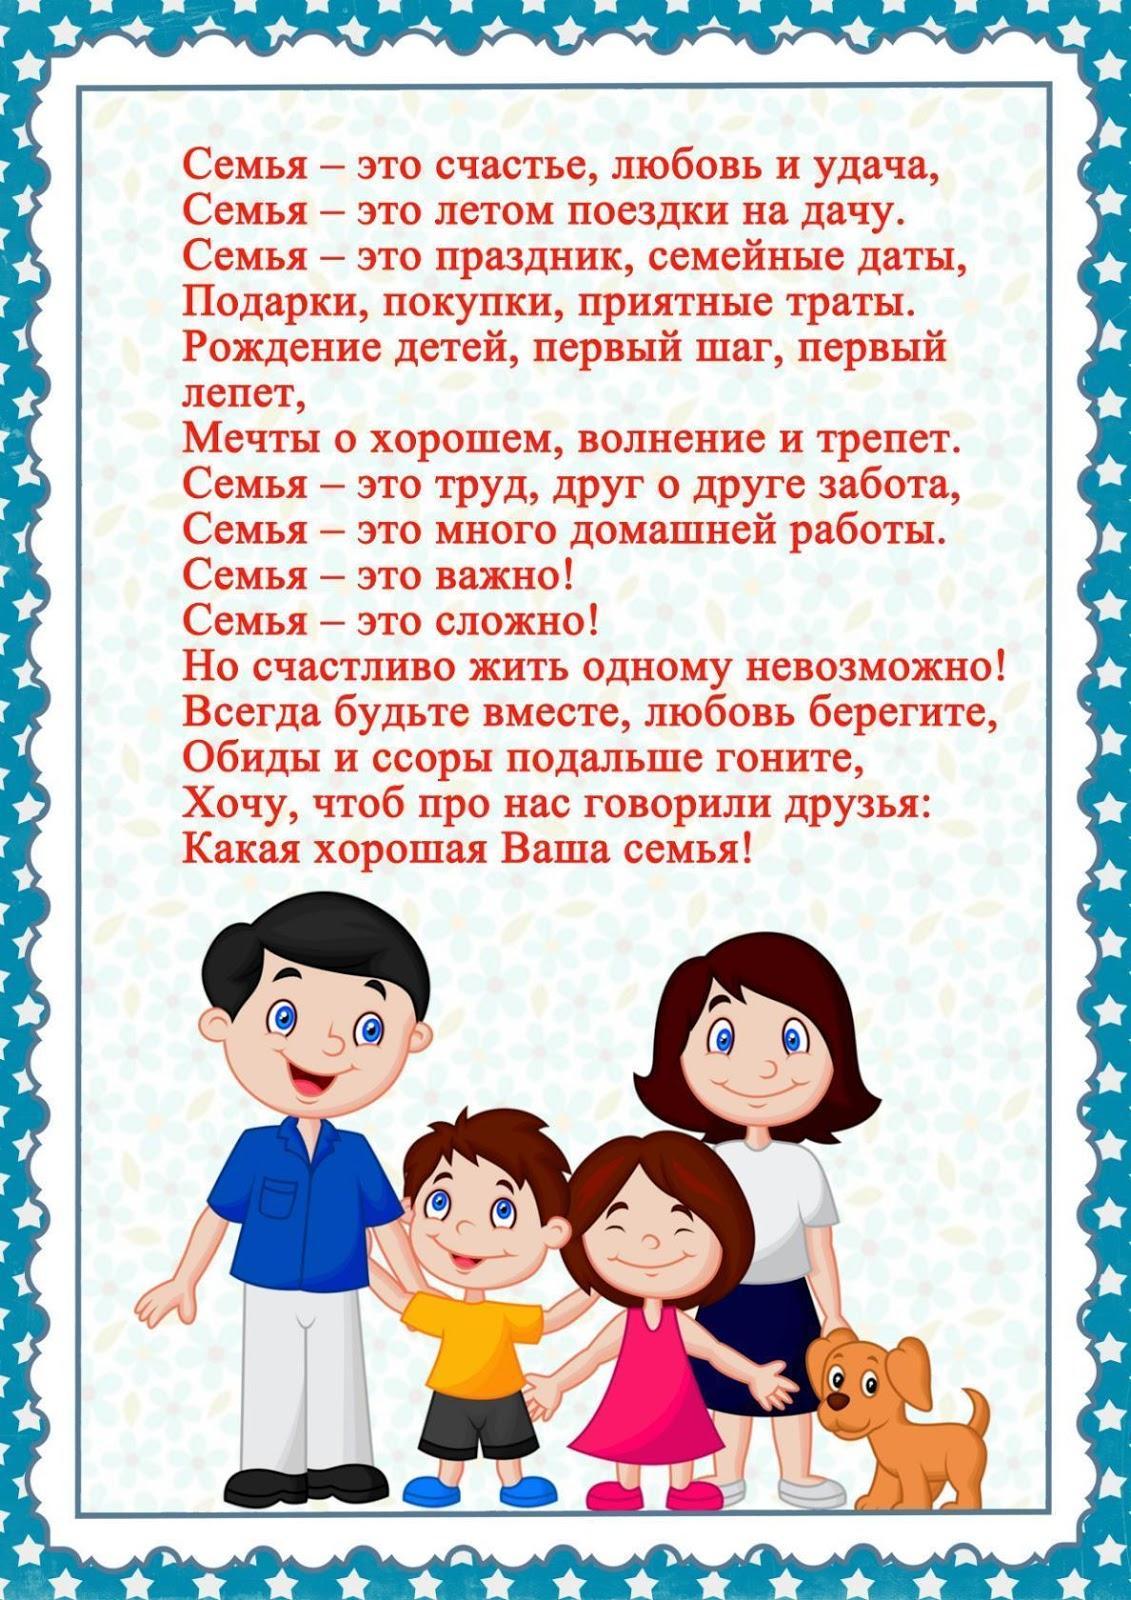 F:\семья на сидим дома\2 (2).jpg